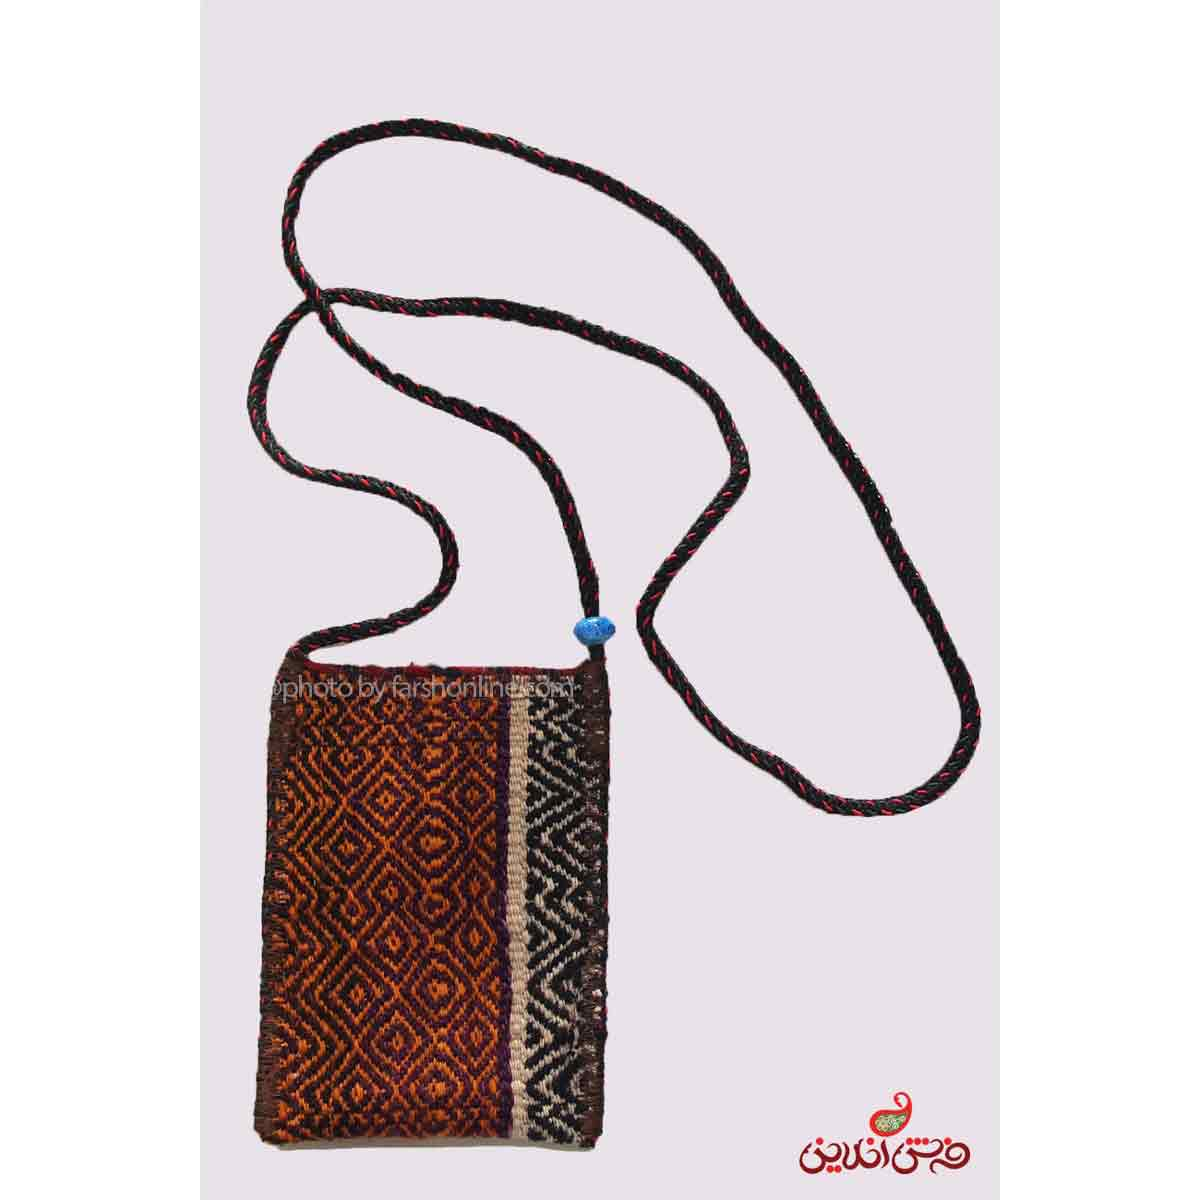 کیف موبایل گلیم سوزنی دستباف کد 340